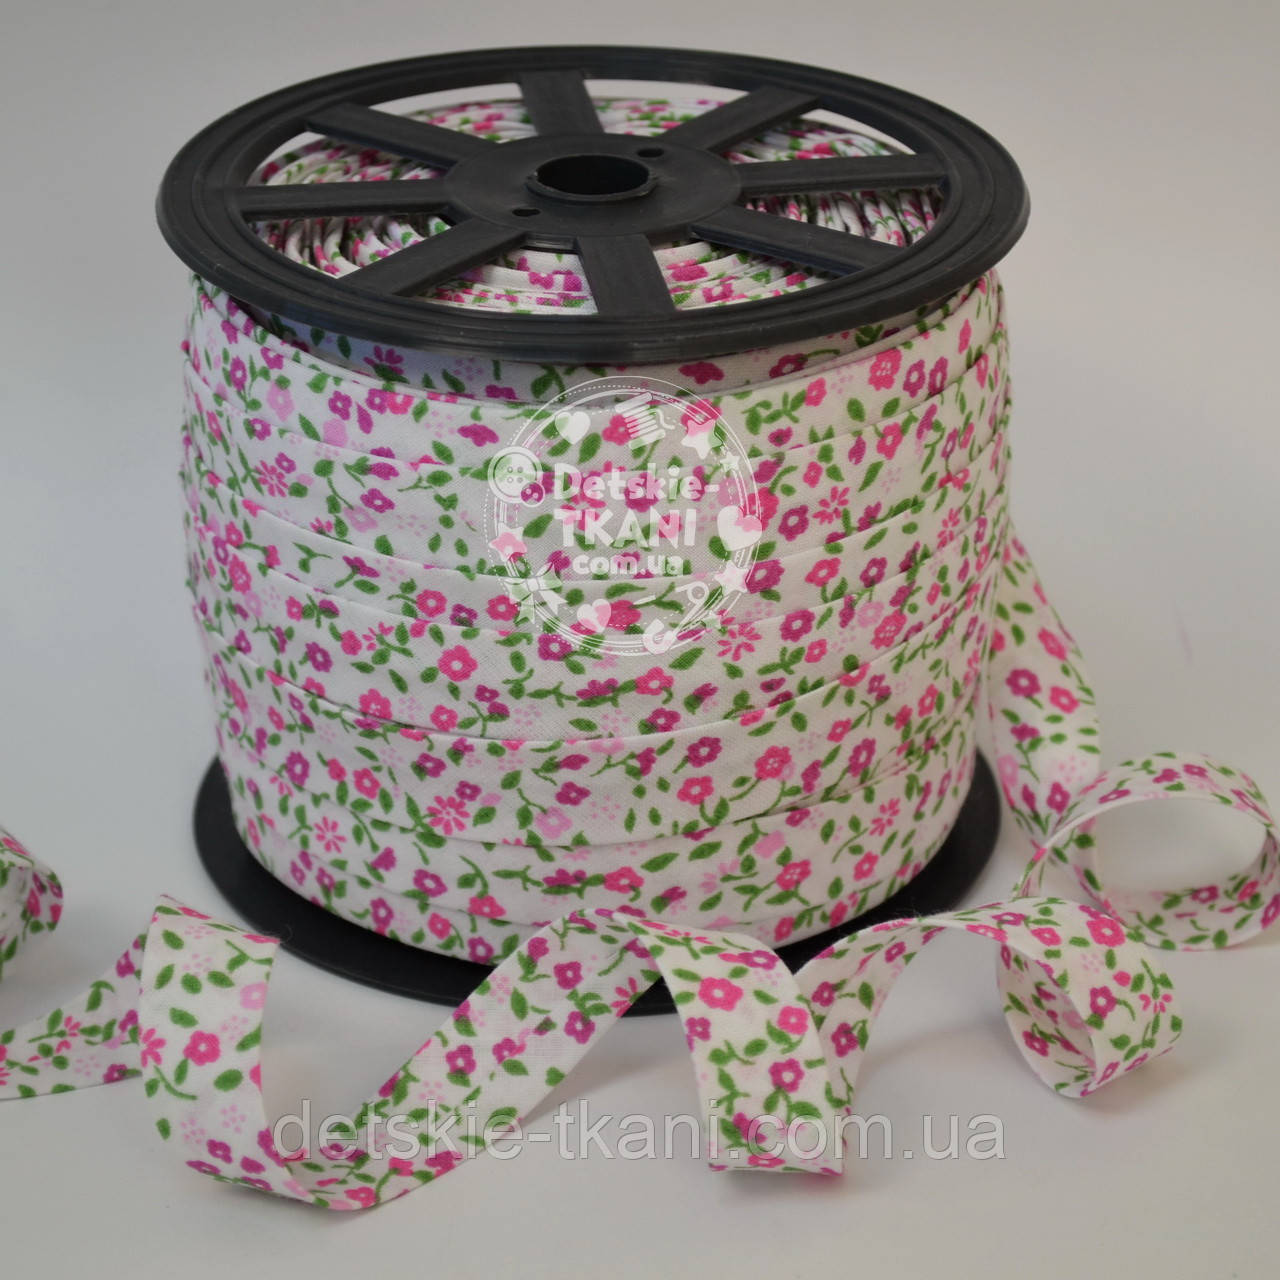 Косая бейка из хлопка с цветочками в розовых оттенках на белом фоне, ширина 18 мм.